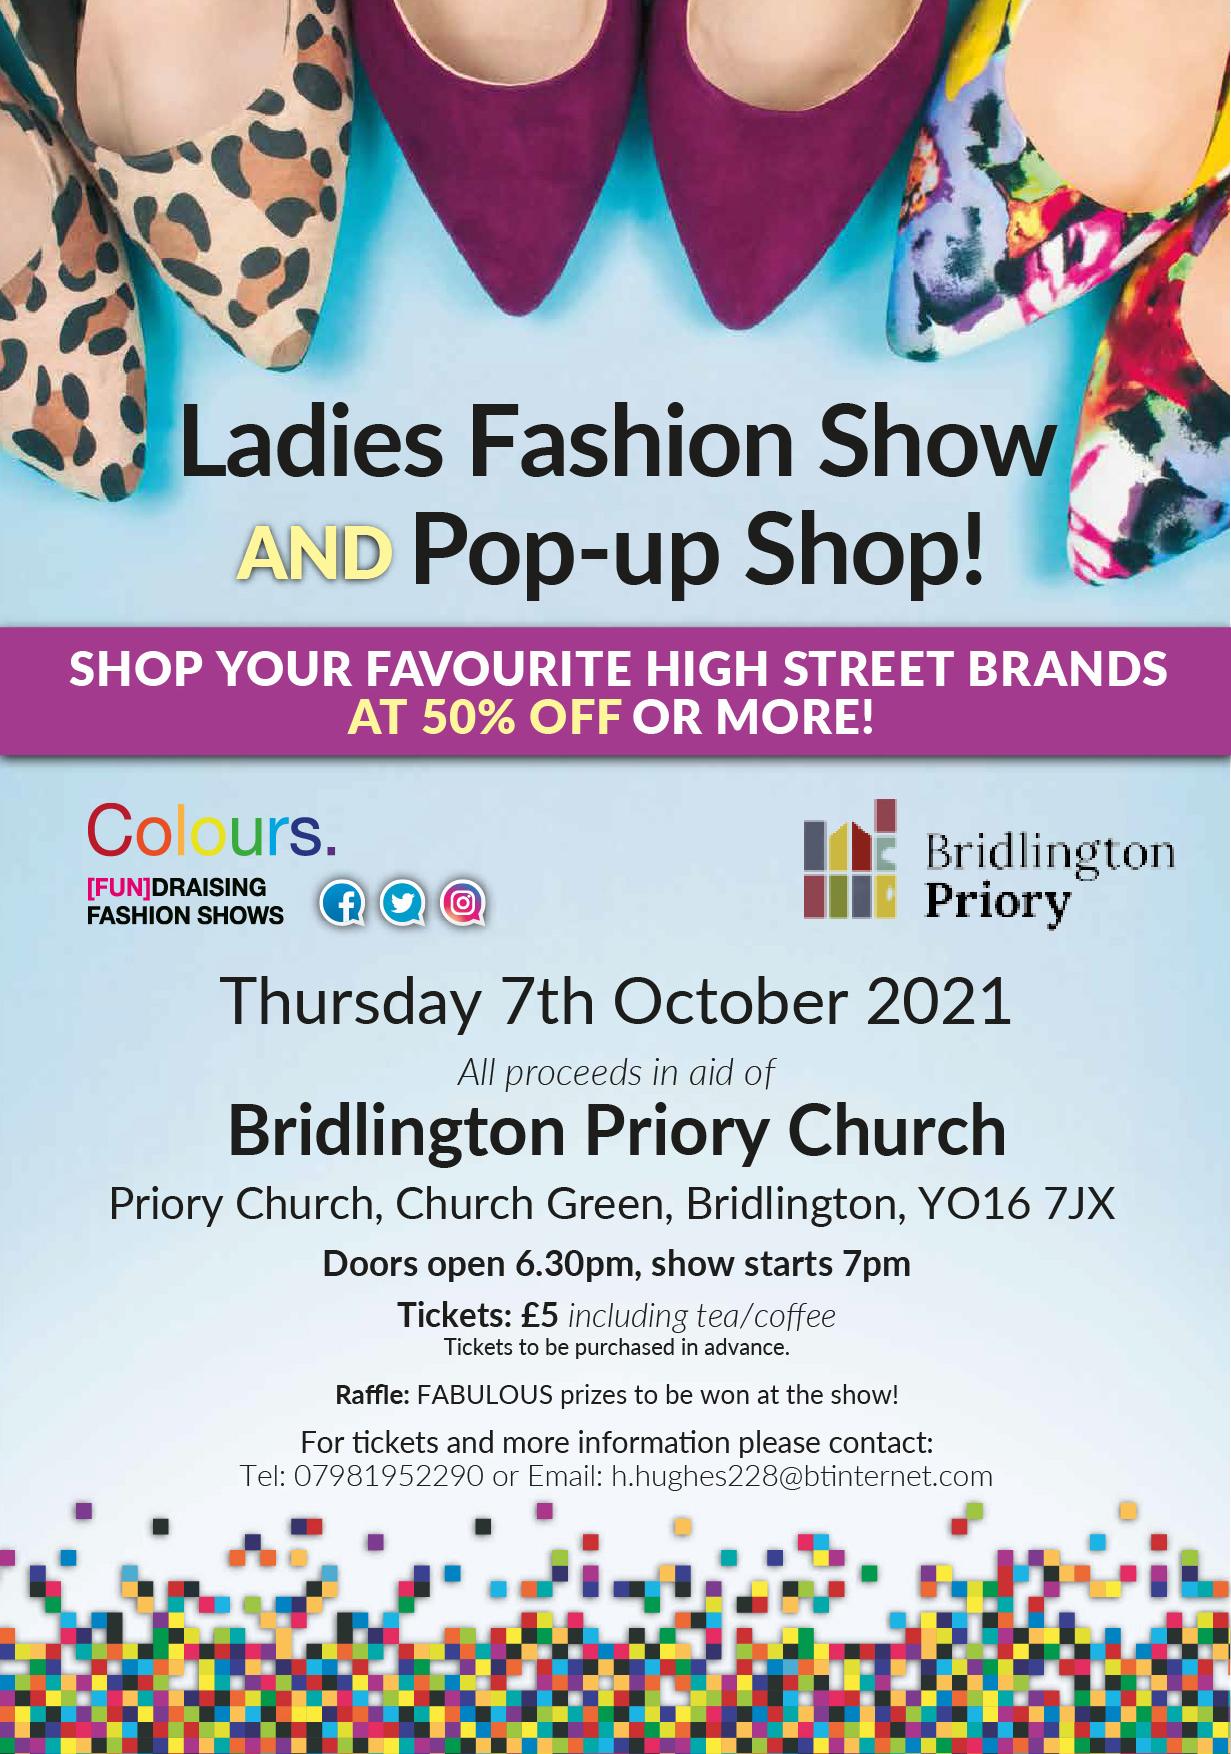 Ladies Fashion Show at Bridlington Priory